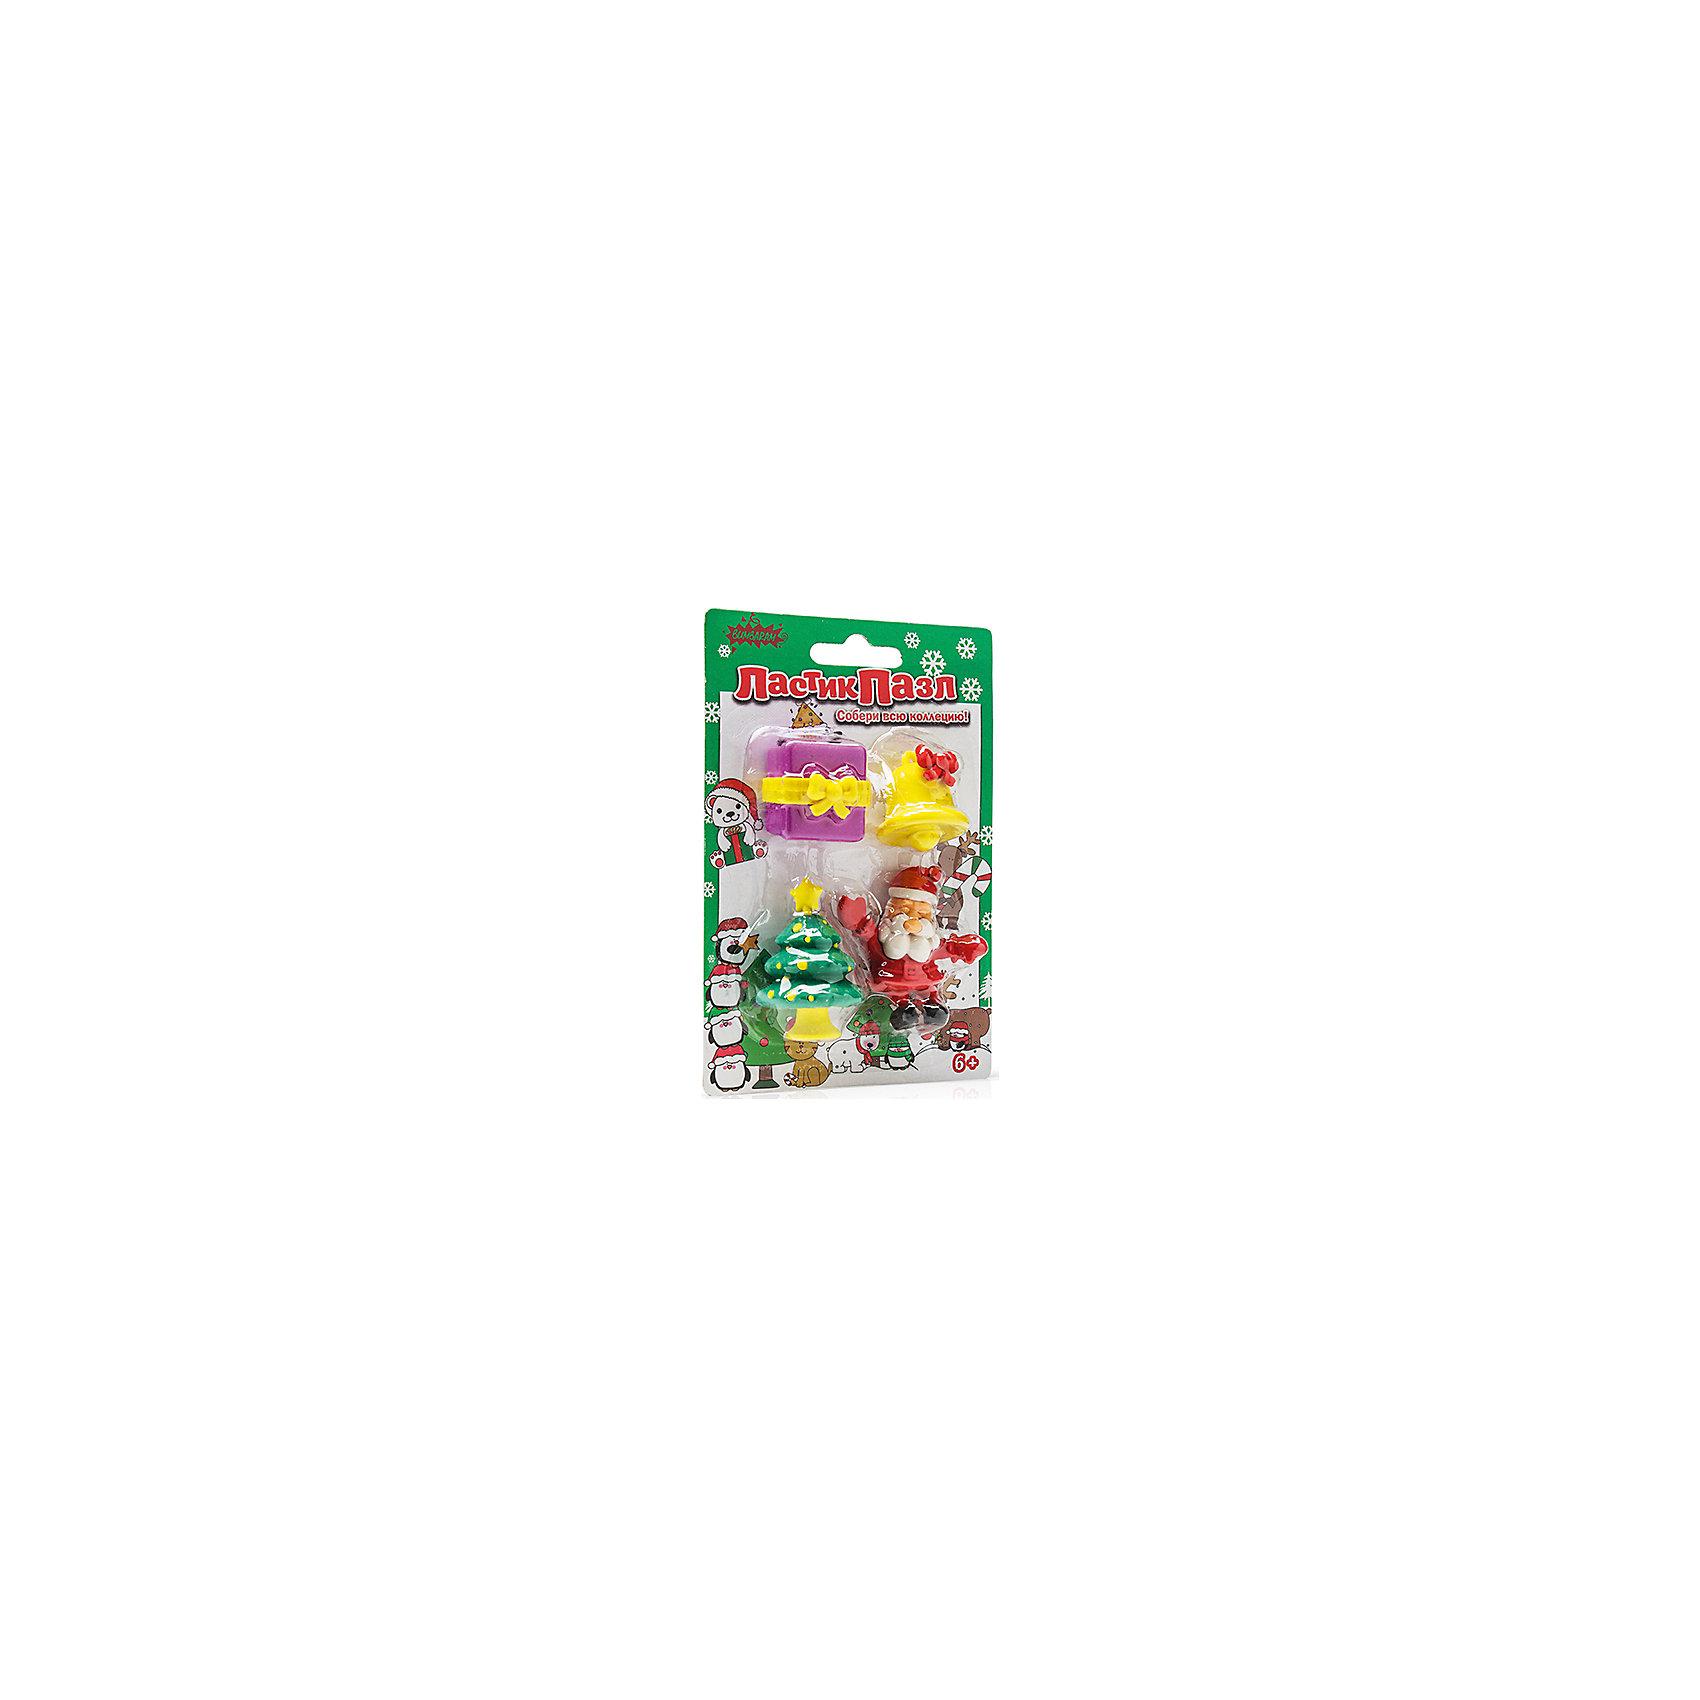 Бумбарам Набор Ластики-пазлы - Дед мороз Бумбарам игровые фигурки maxitoys фигура дед мороз в плетеном кресле музыкальный